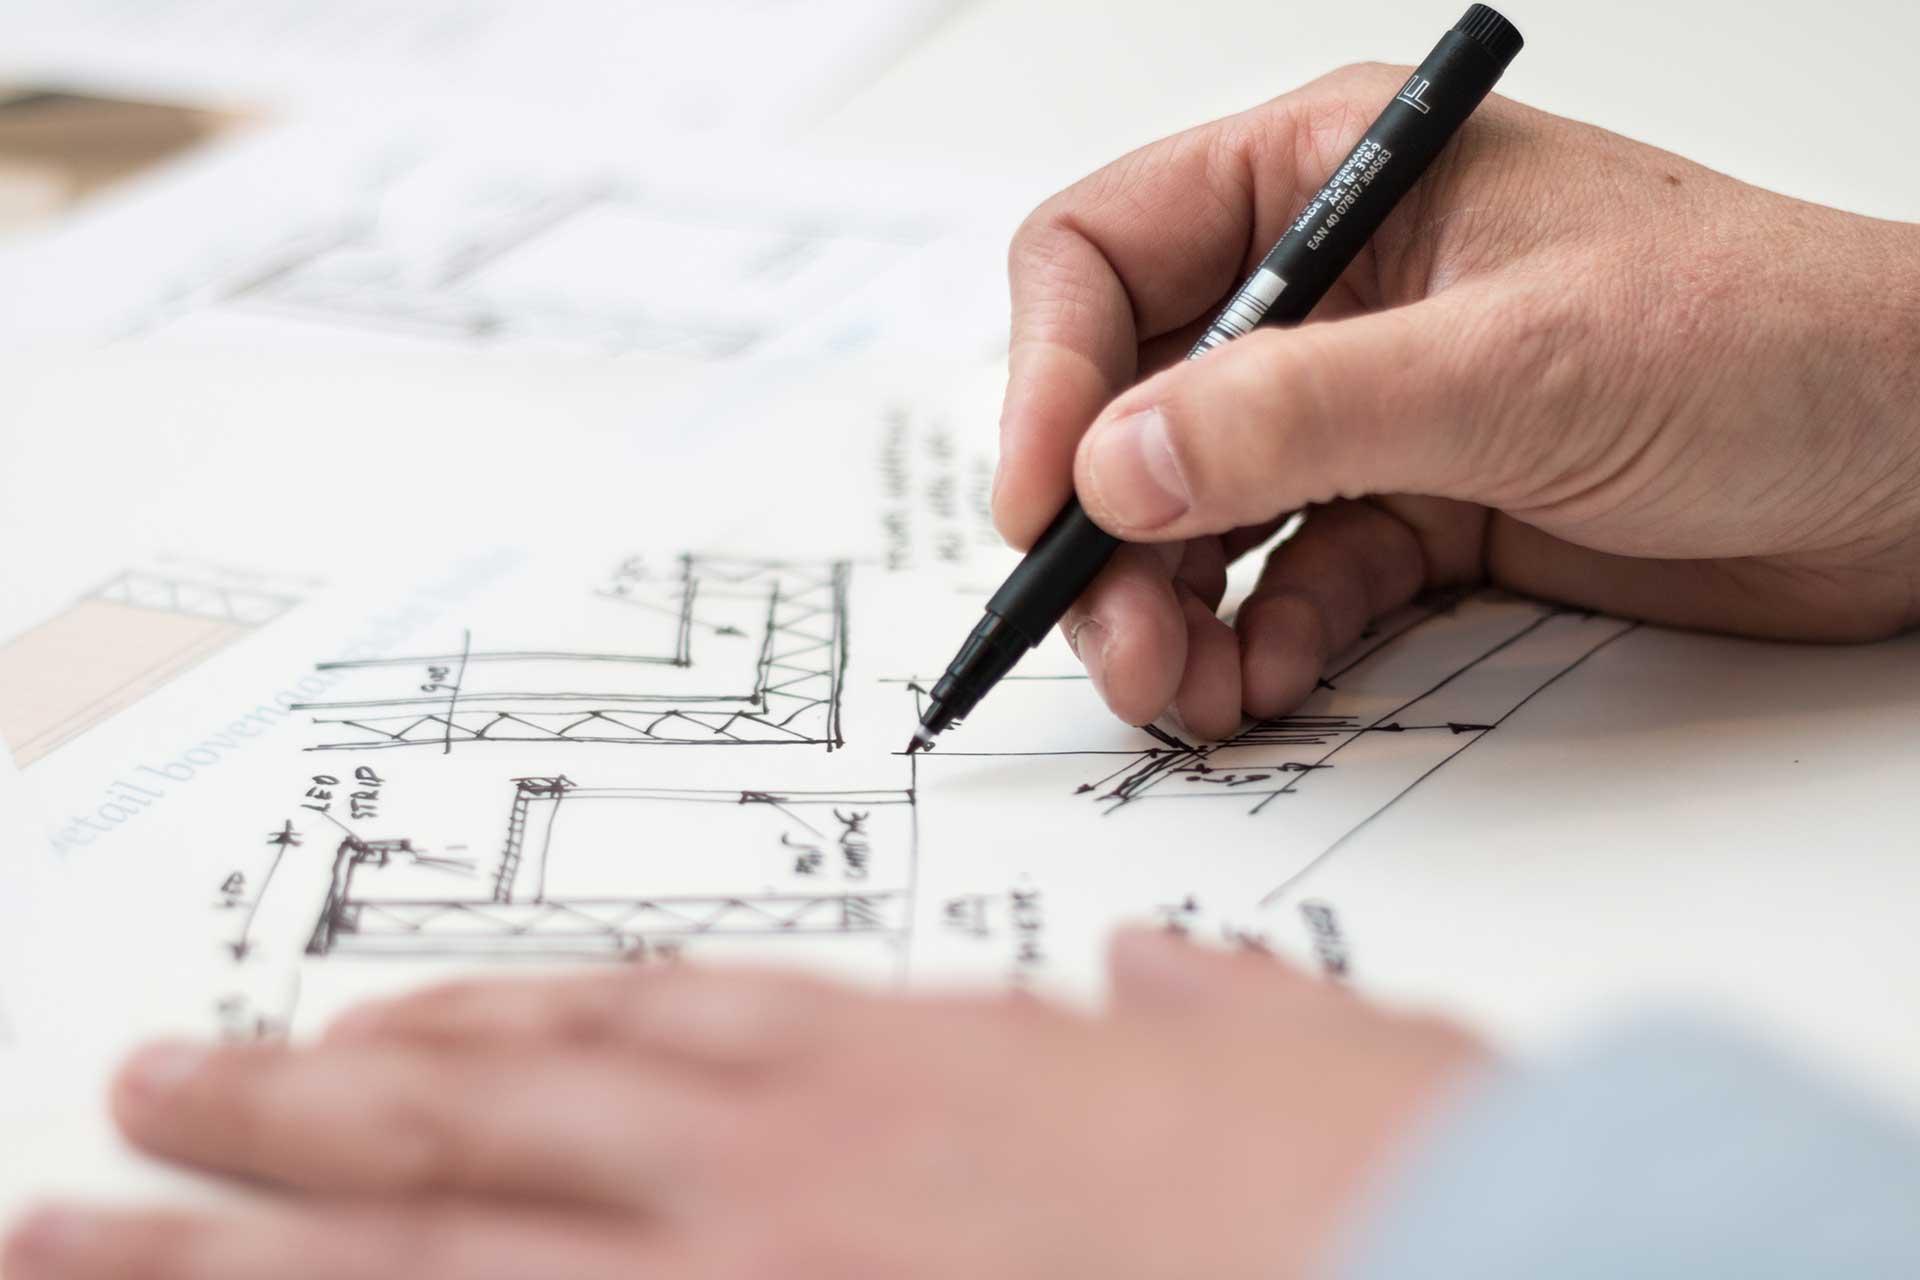 Hier sehen Sie einen Architekten, der einen Entwurf für eine Textilfassade gemeinsam mit der Planex Technik in Textil GmbH an einem Arbeitstisch erstellt.